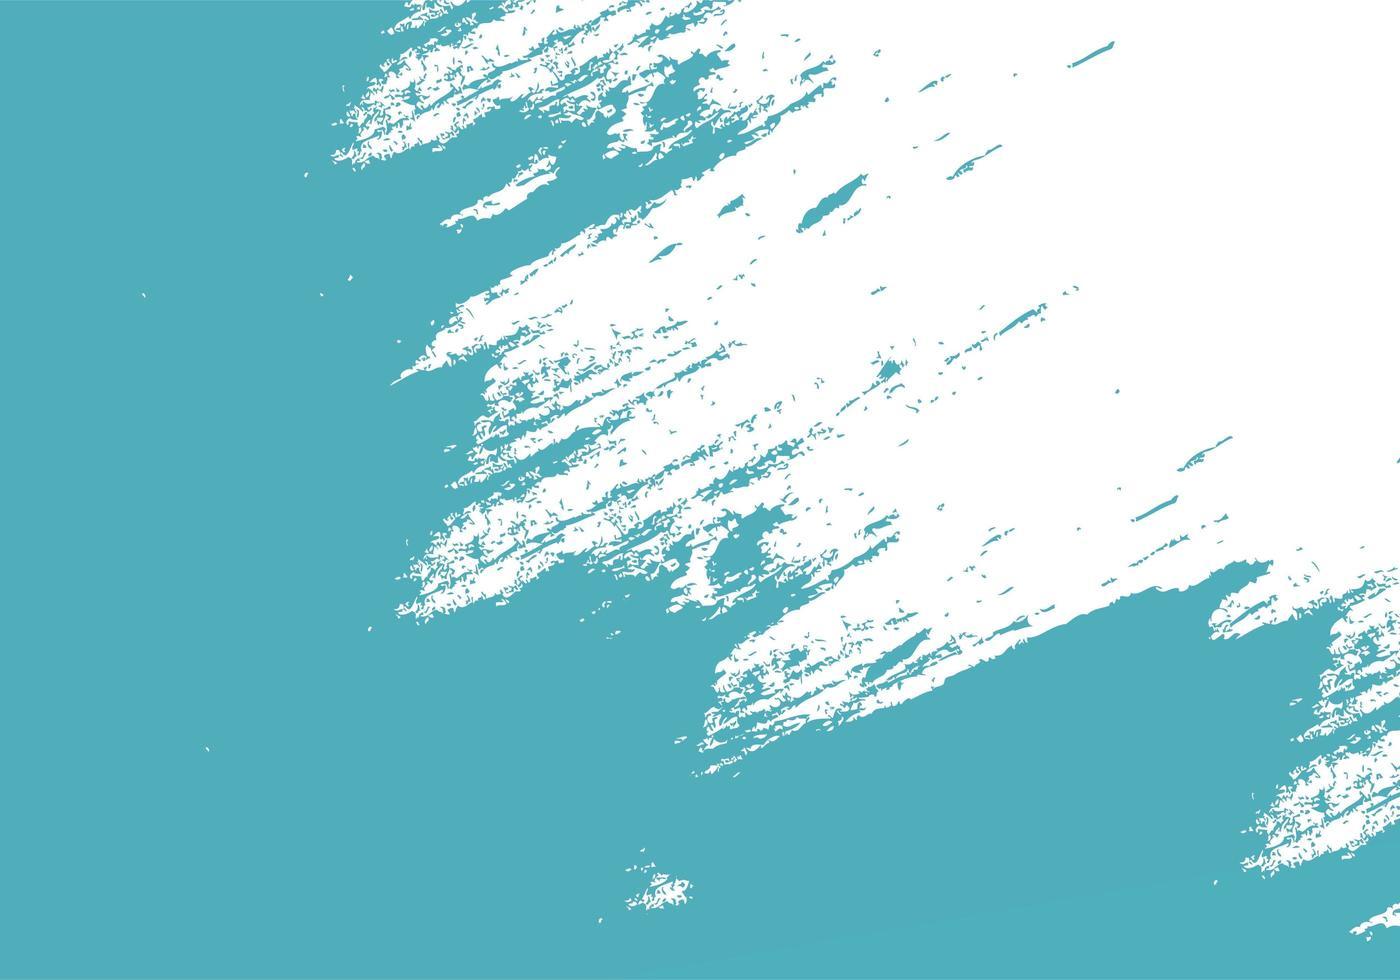 grungy teal inkt penseelstreek textuur vector